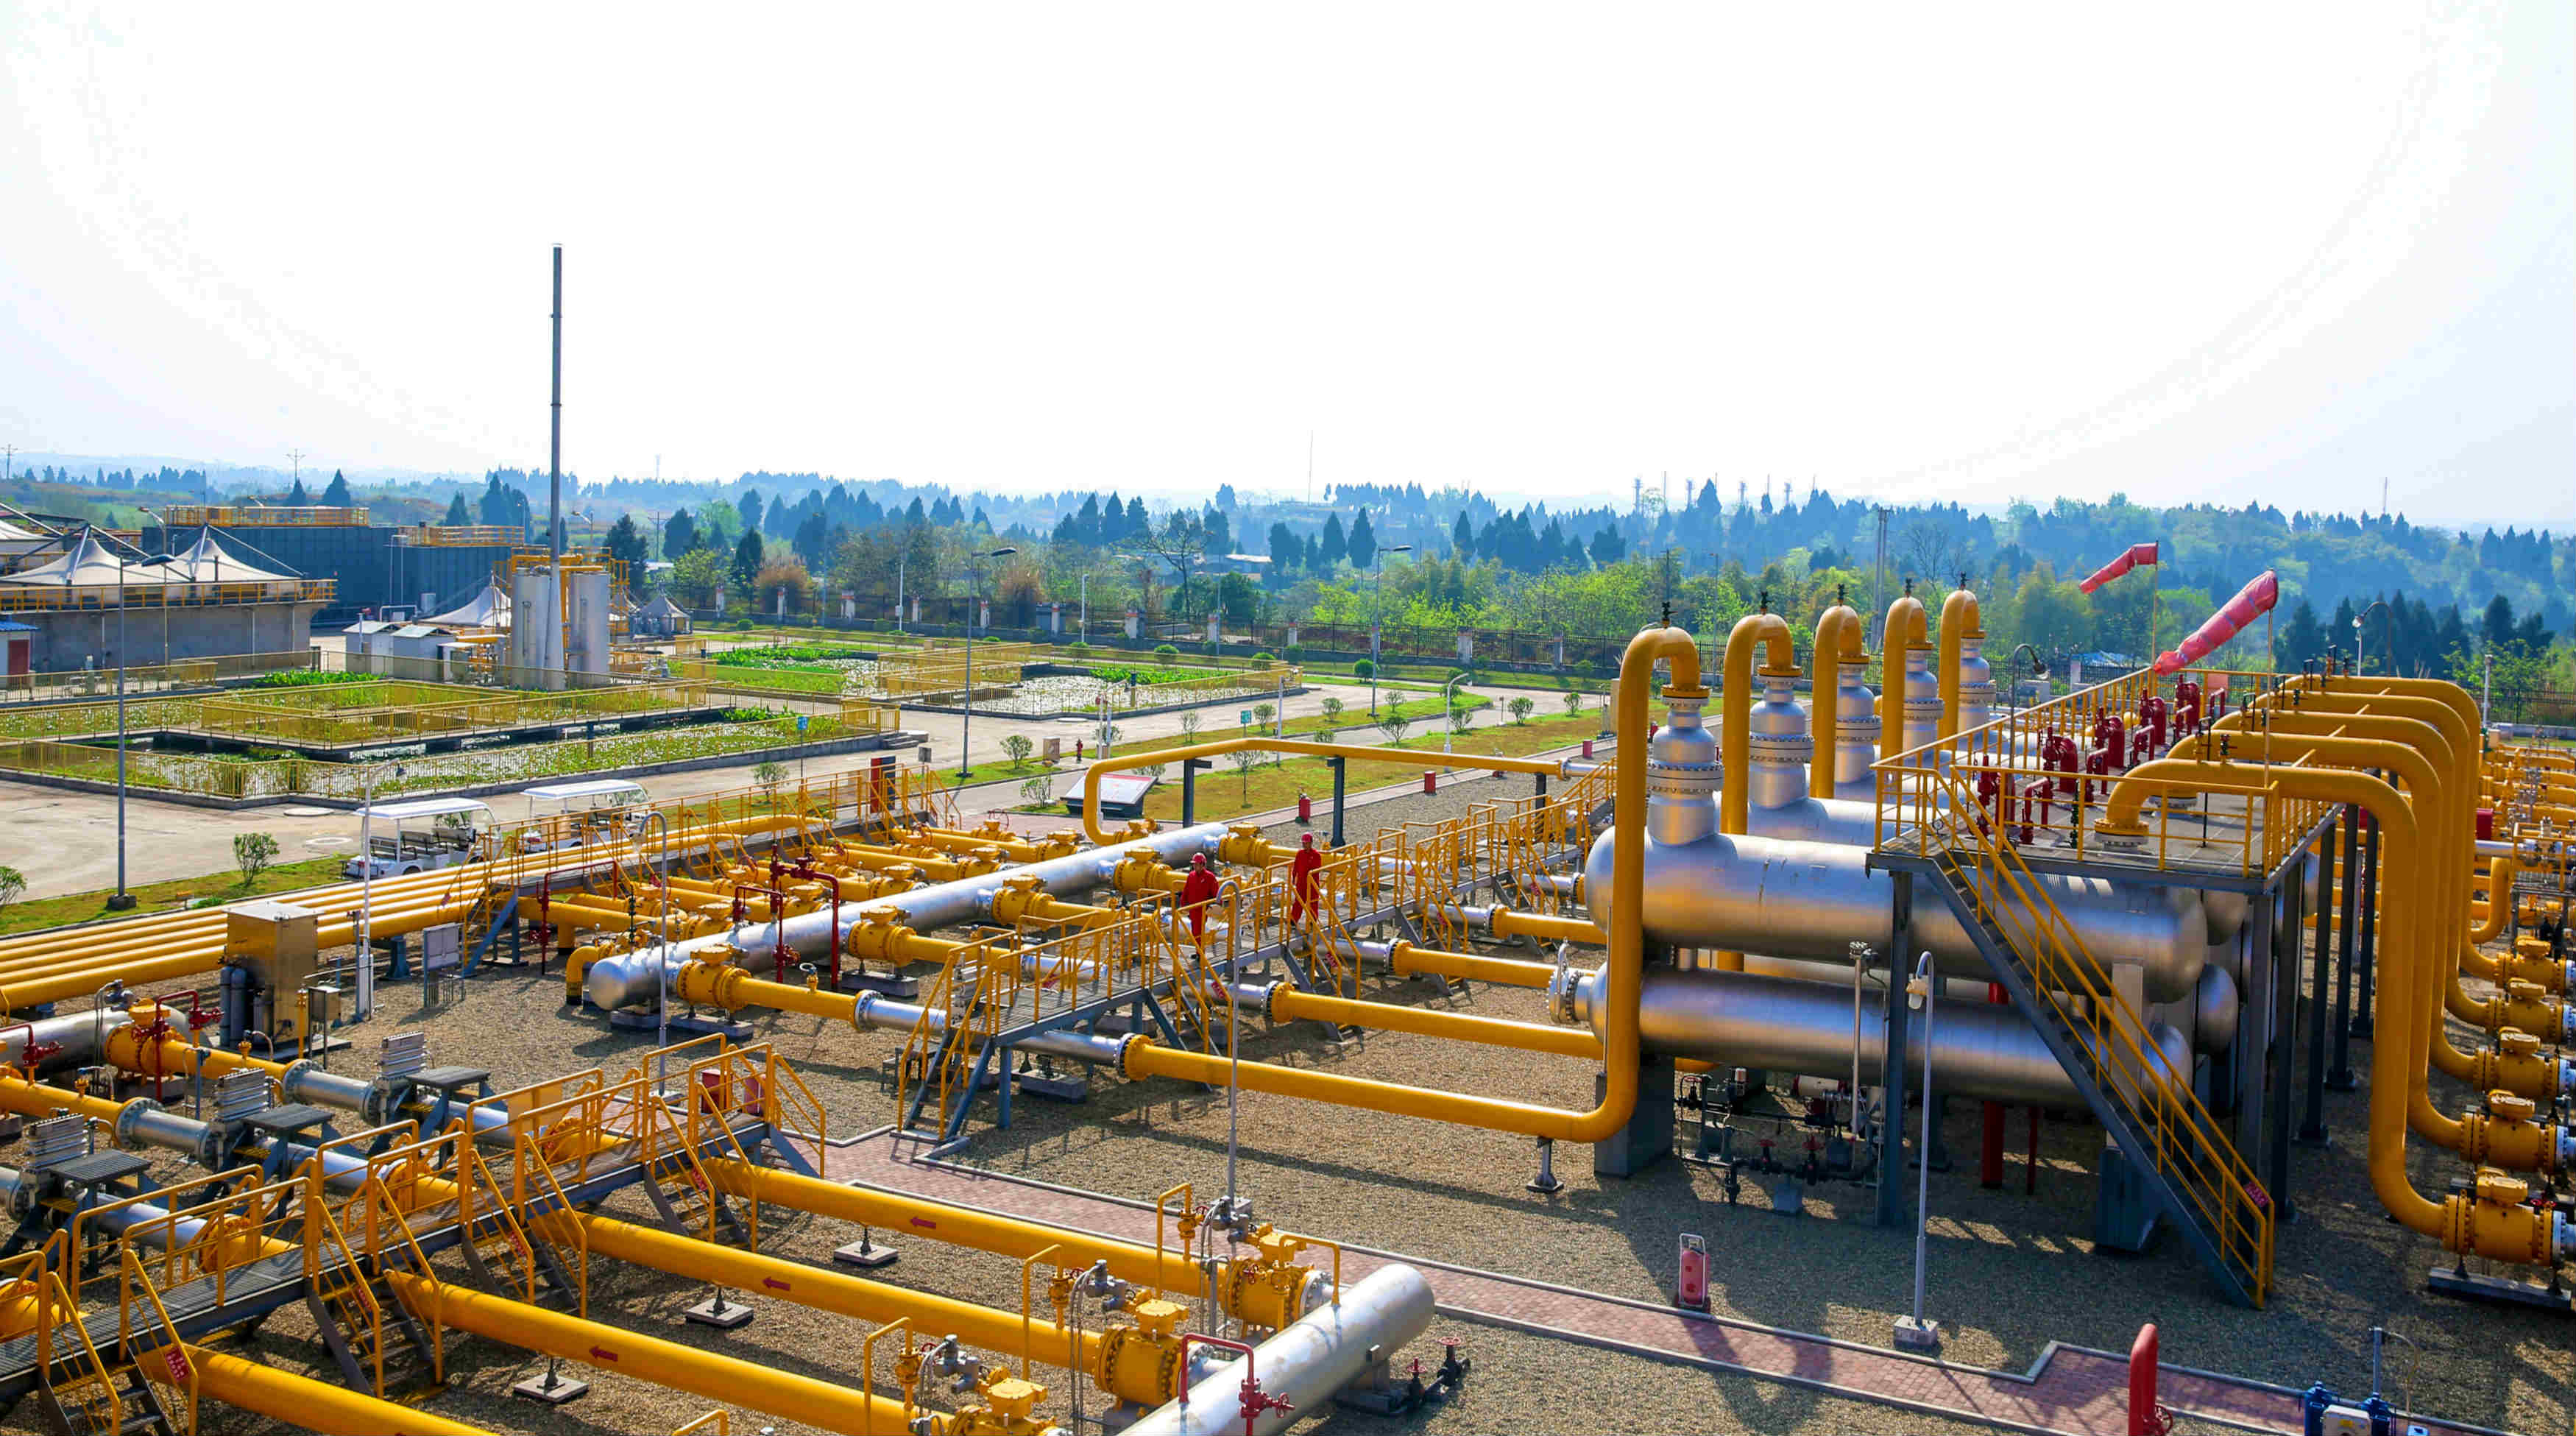 四季度计划投产新井11口 安岳气田全力保障居民冬季用气